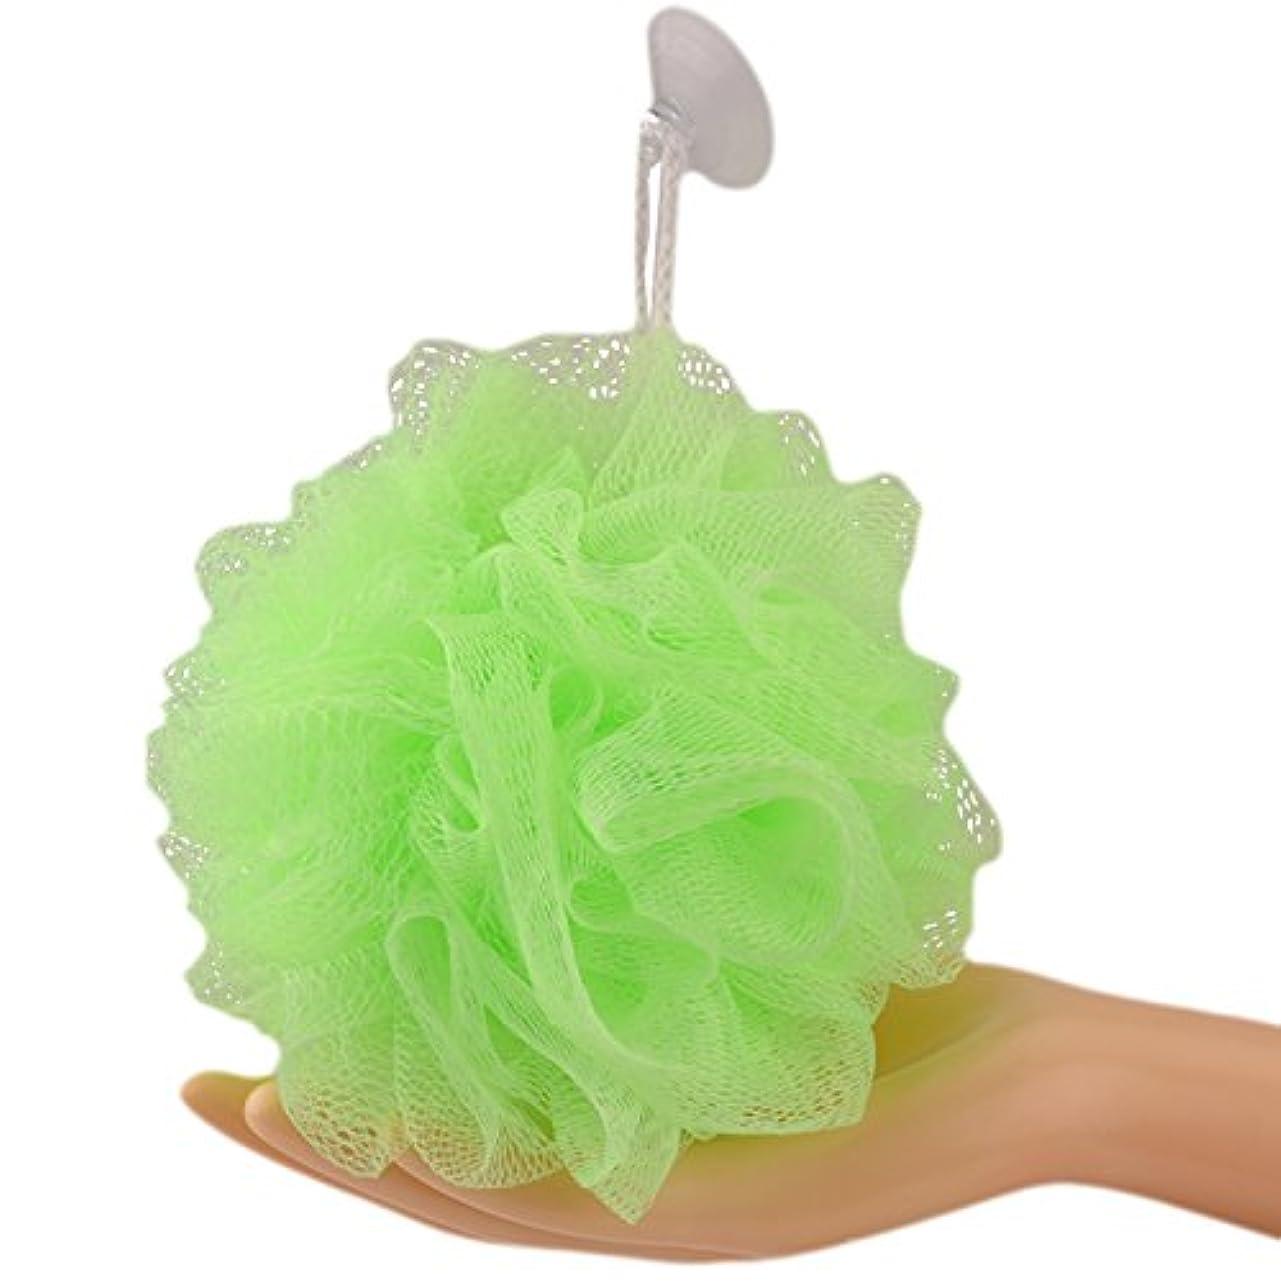 仮称鉄道駅窓一枚入 耐久性のボディウォッシュボール崩れない 長持ち、沐浴球全6色フラワーボール泡立てネット ボディ、花ボディースポンジ (Large 60g, グリーン)